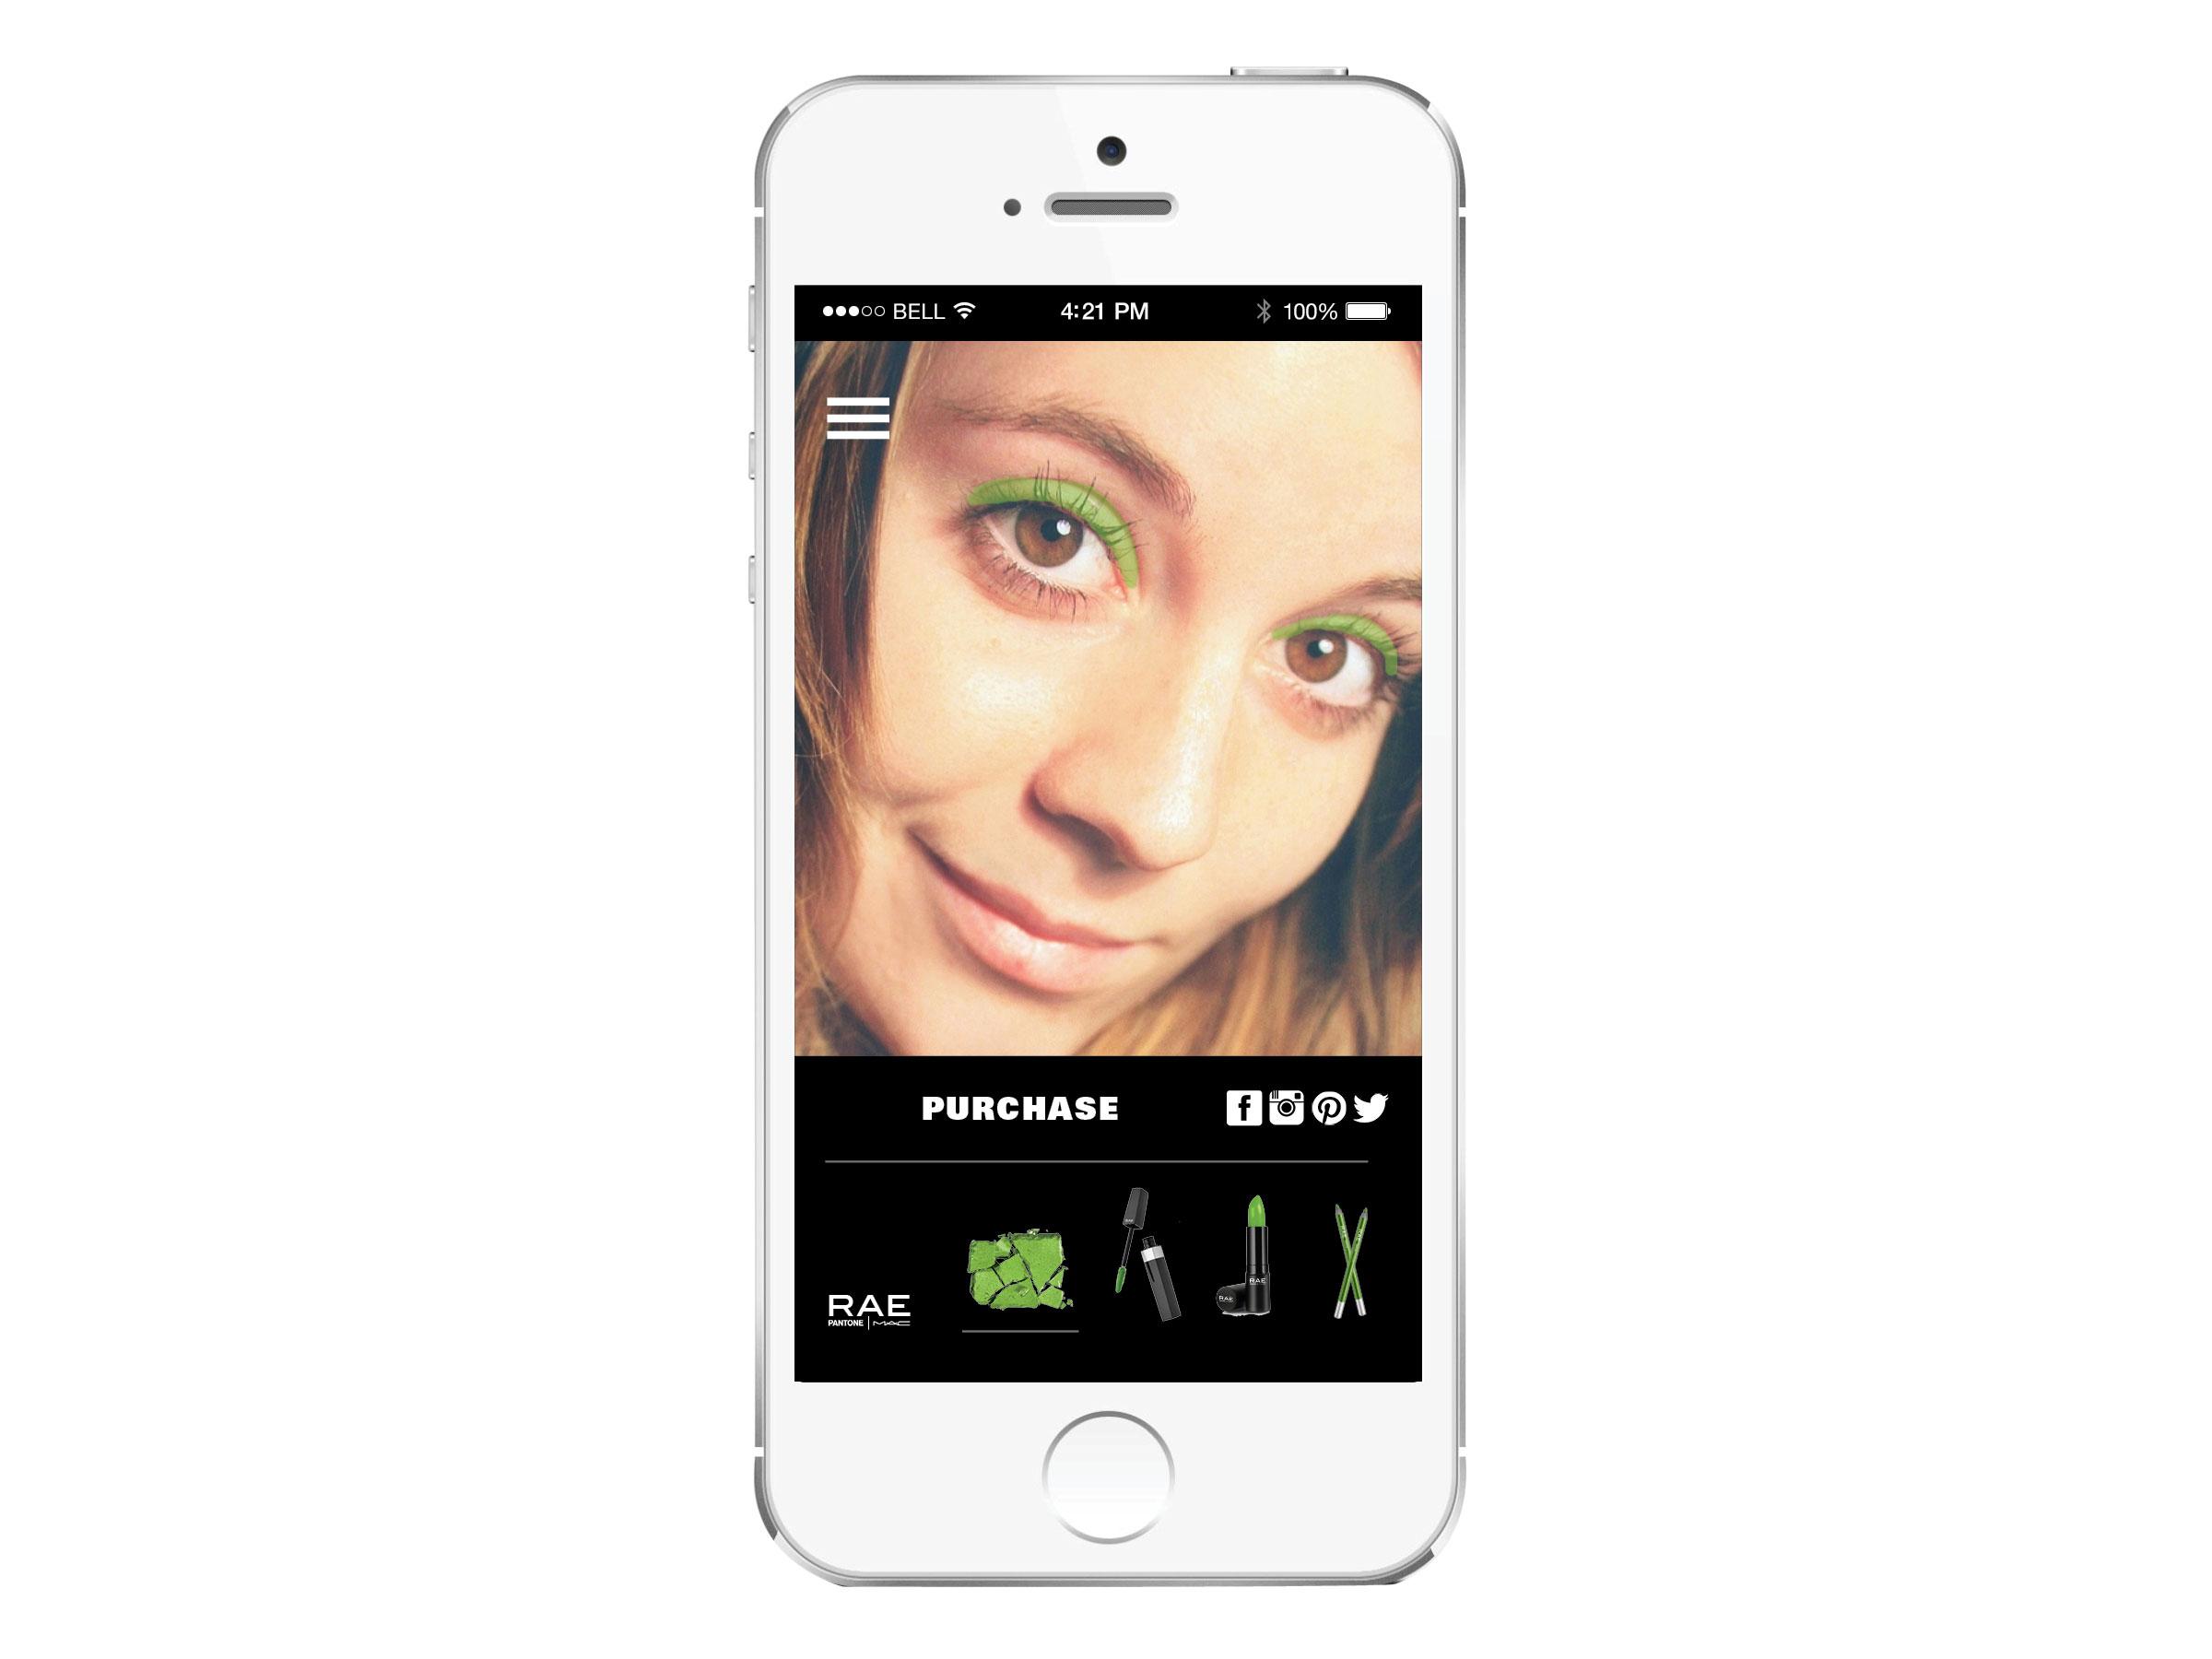 RAE_Phone_App6.jpg